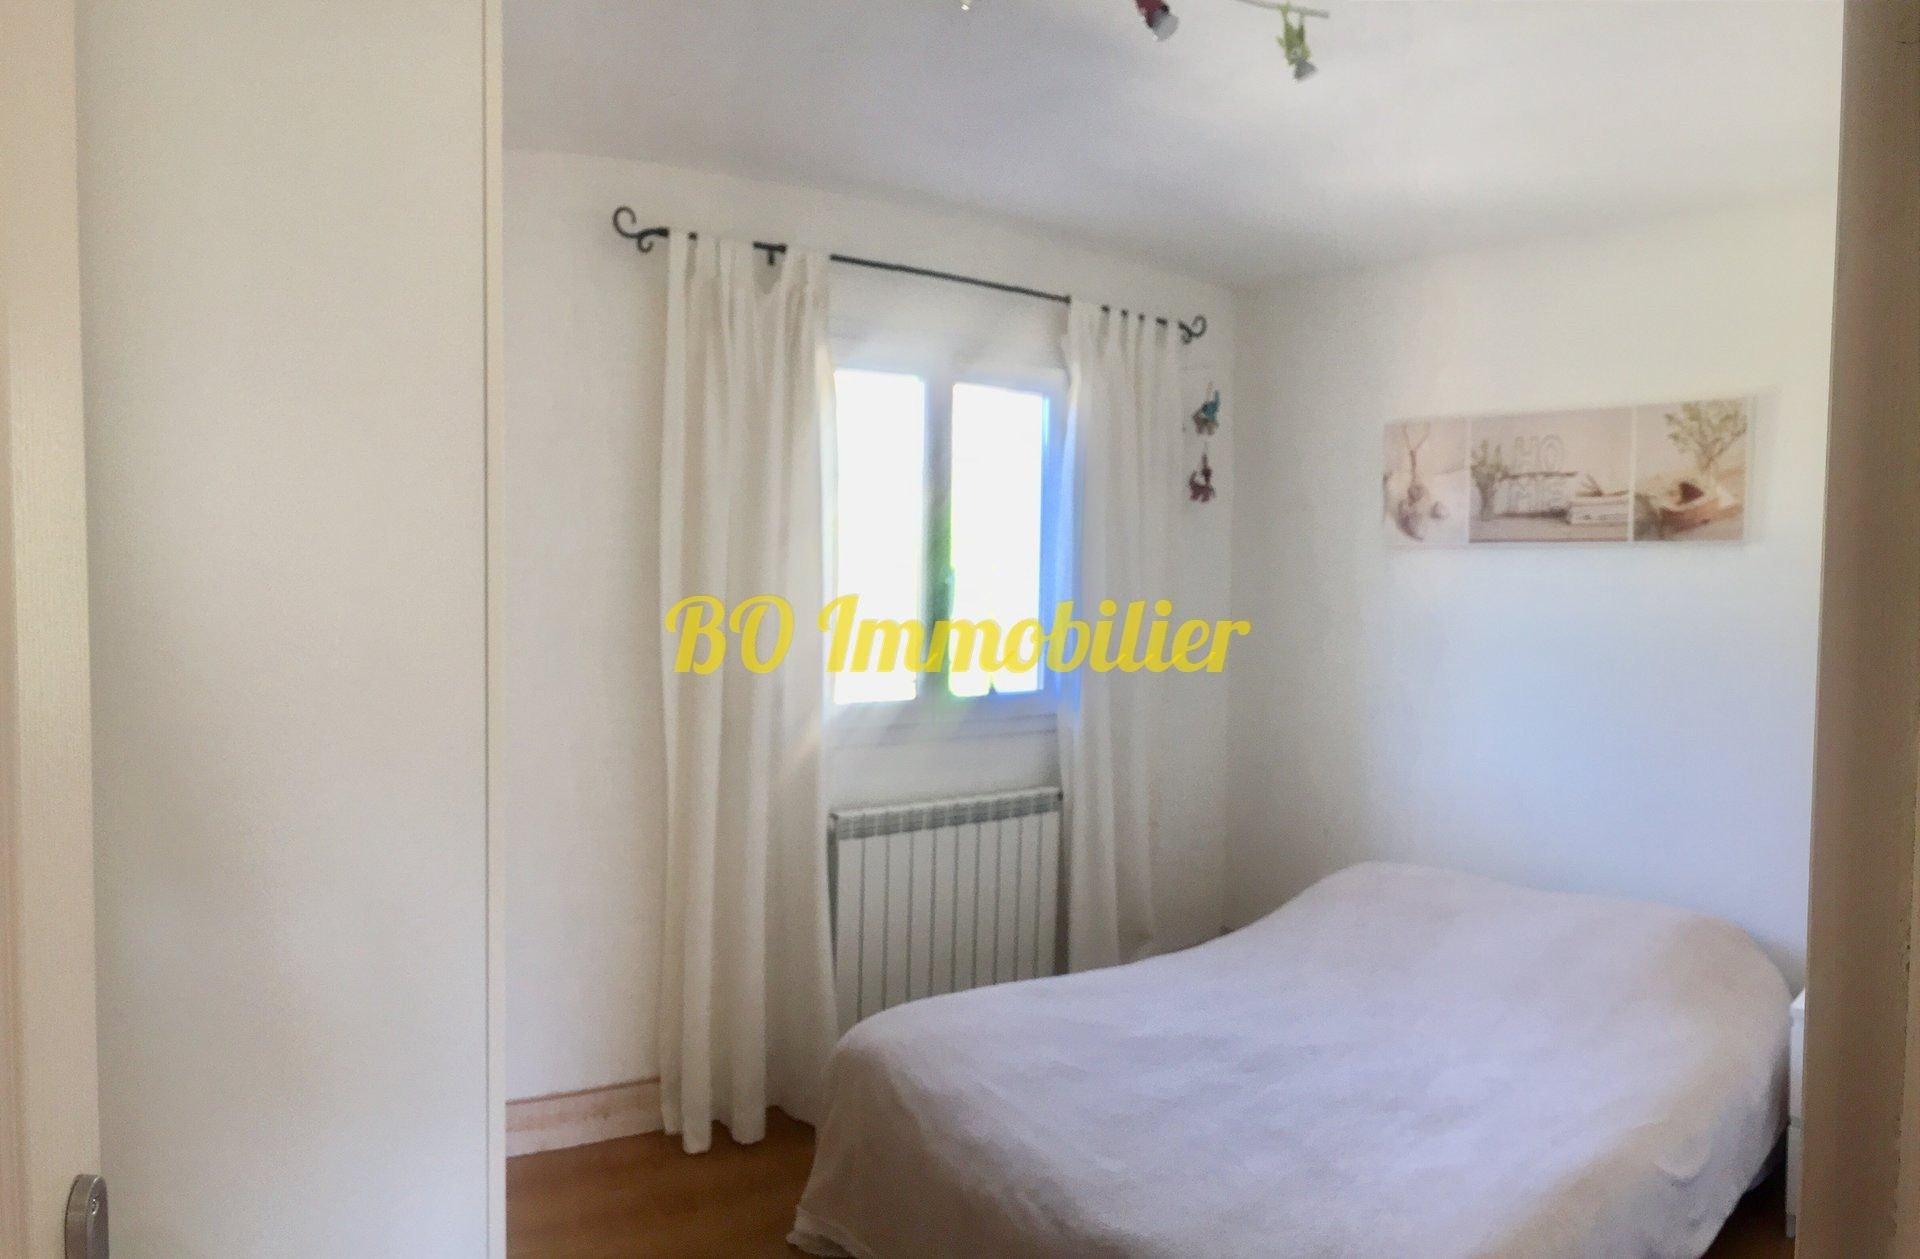 Maison individuelle de 5 pièces 123 m² + terrain de 1504 m²